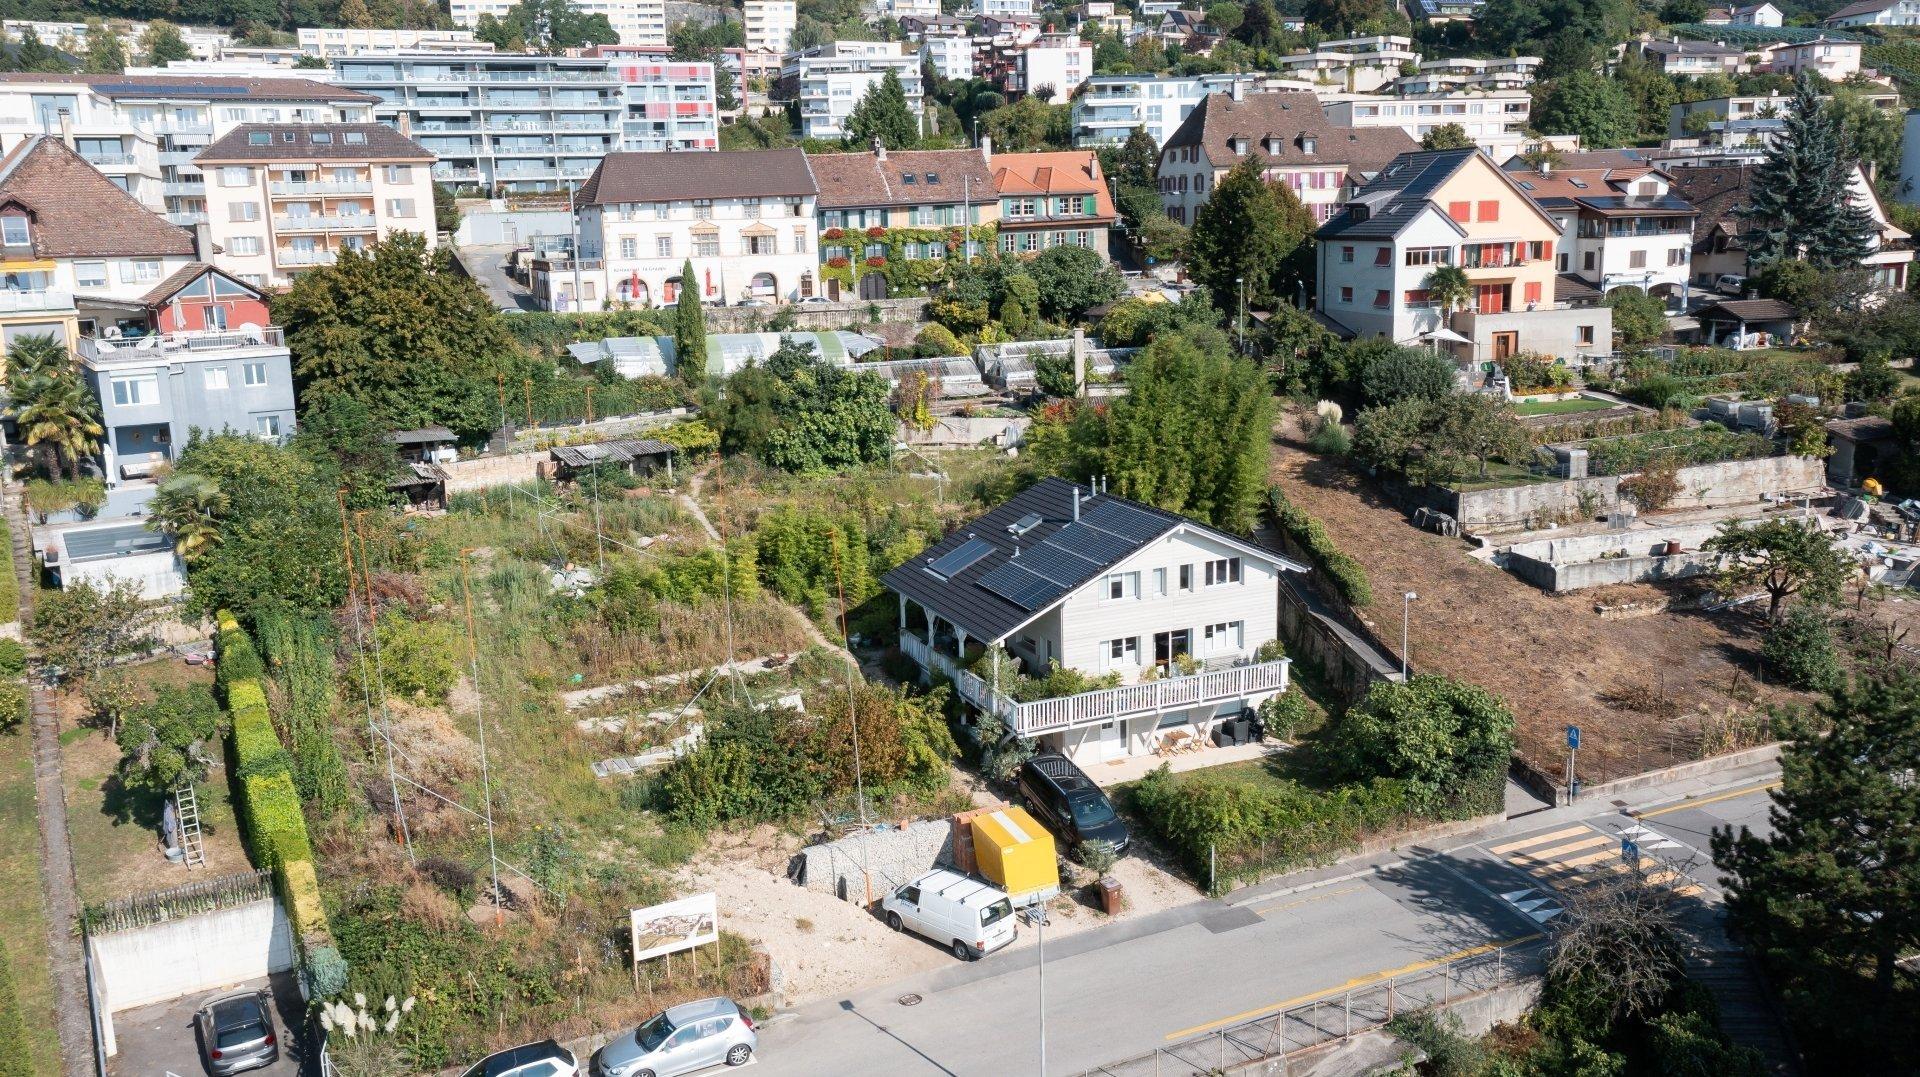 Dans le quartier de La Coudre, à Neuchâtel, des gabarits ont poussé dans le Jardin des senteurs.